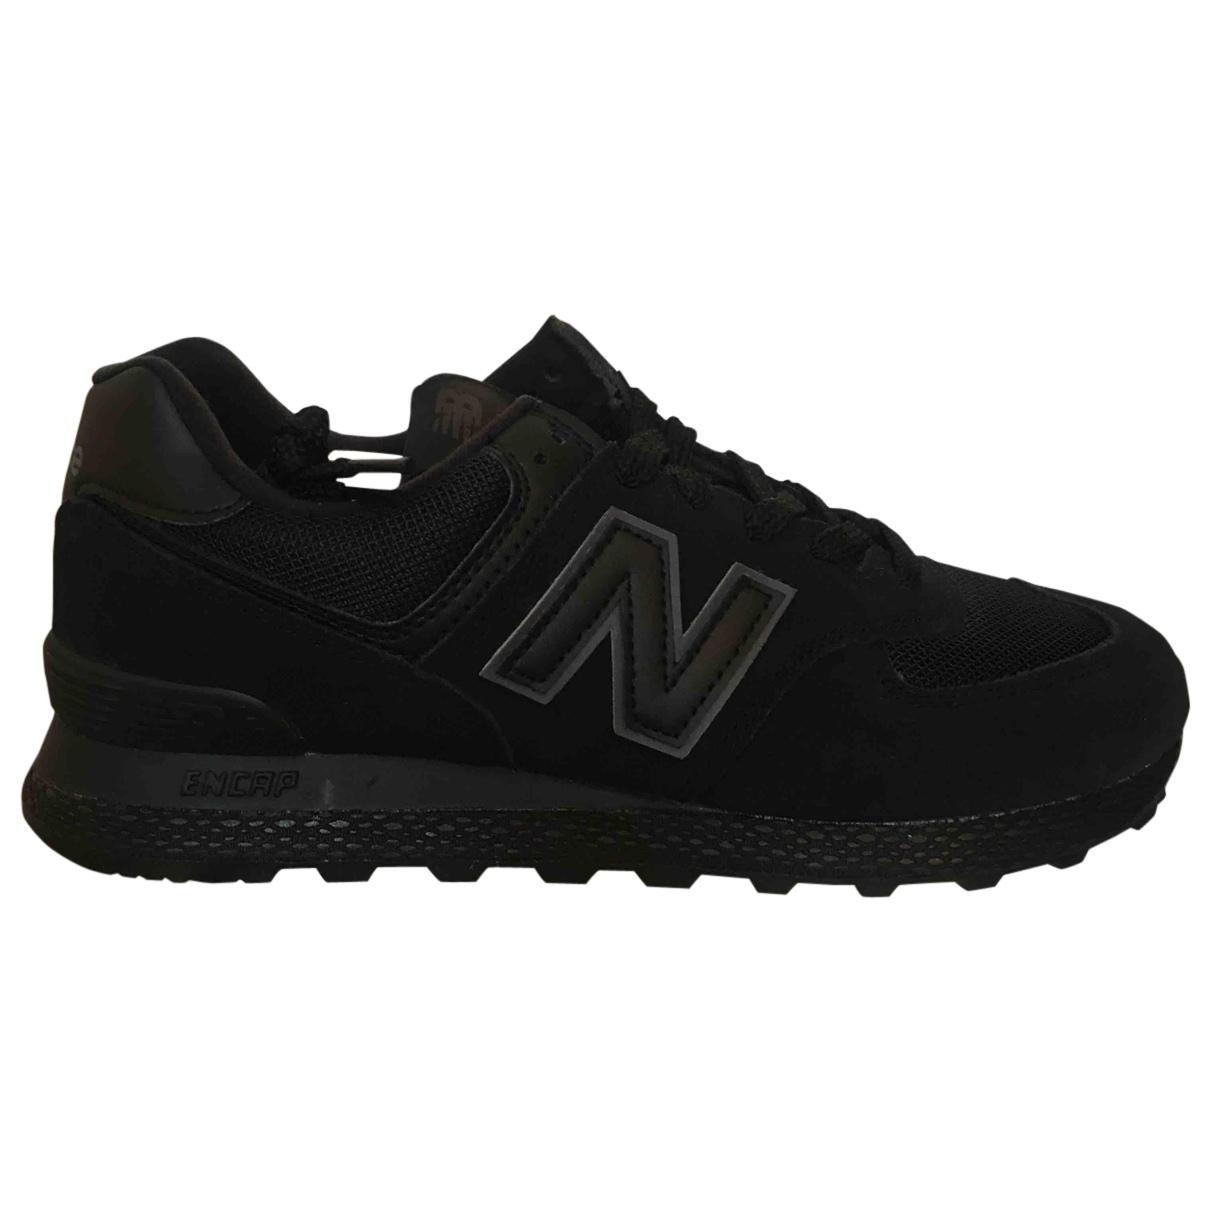 New Balance - Baskets   pour homme en suede - noir